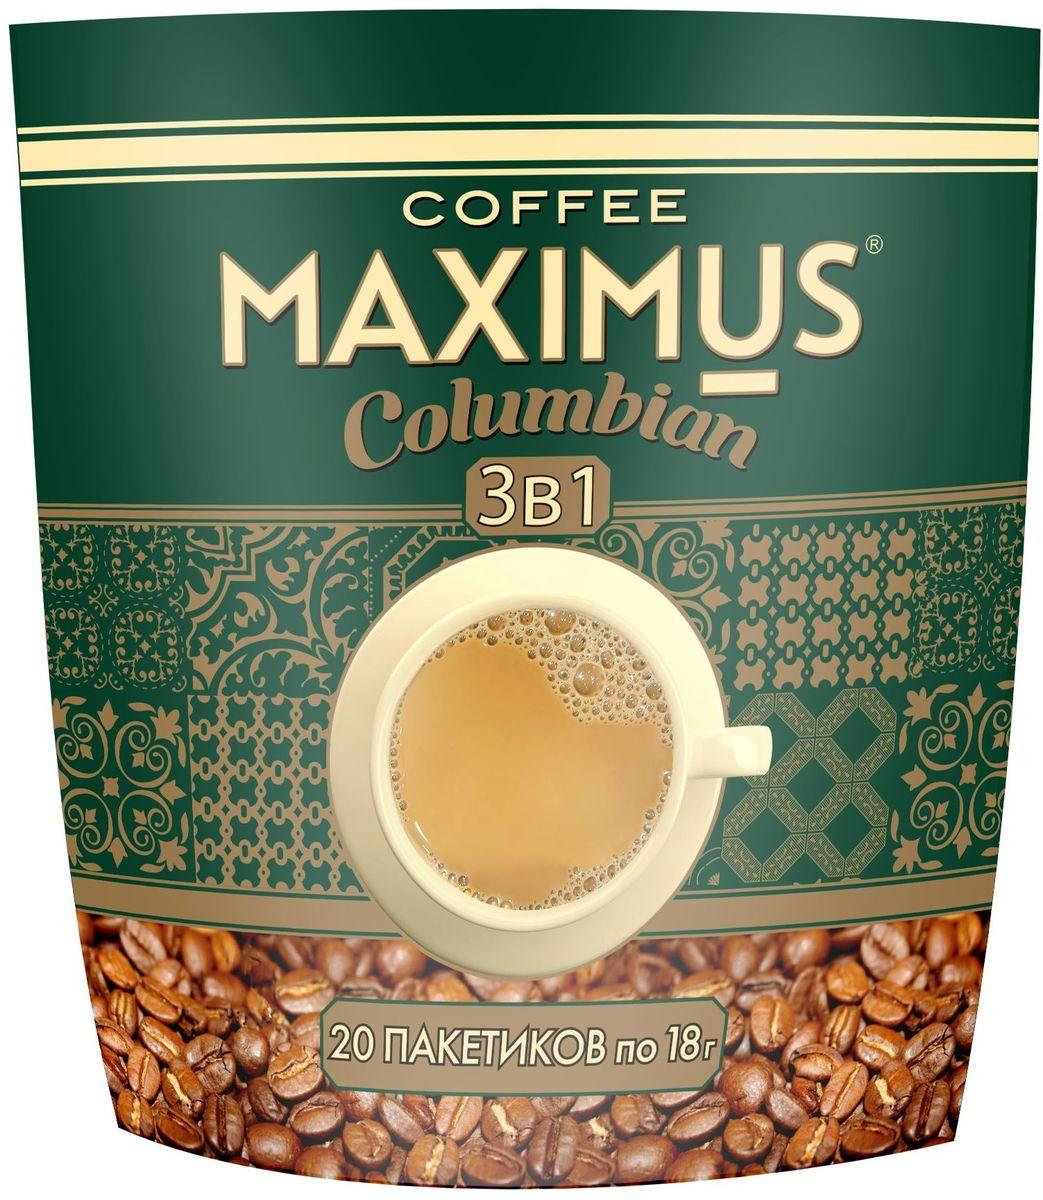 Maximus Columbianрастворимый кофейный напиток в пакетиках, 20 шт MAXIMUS